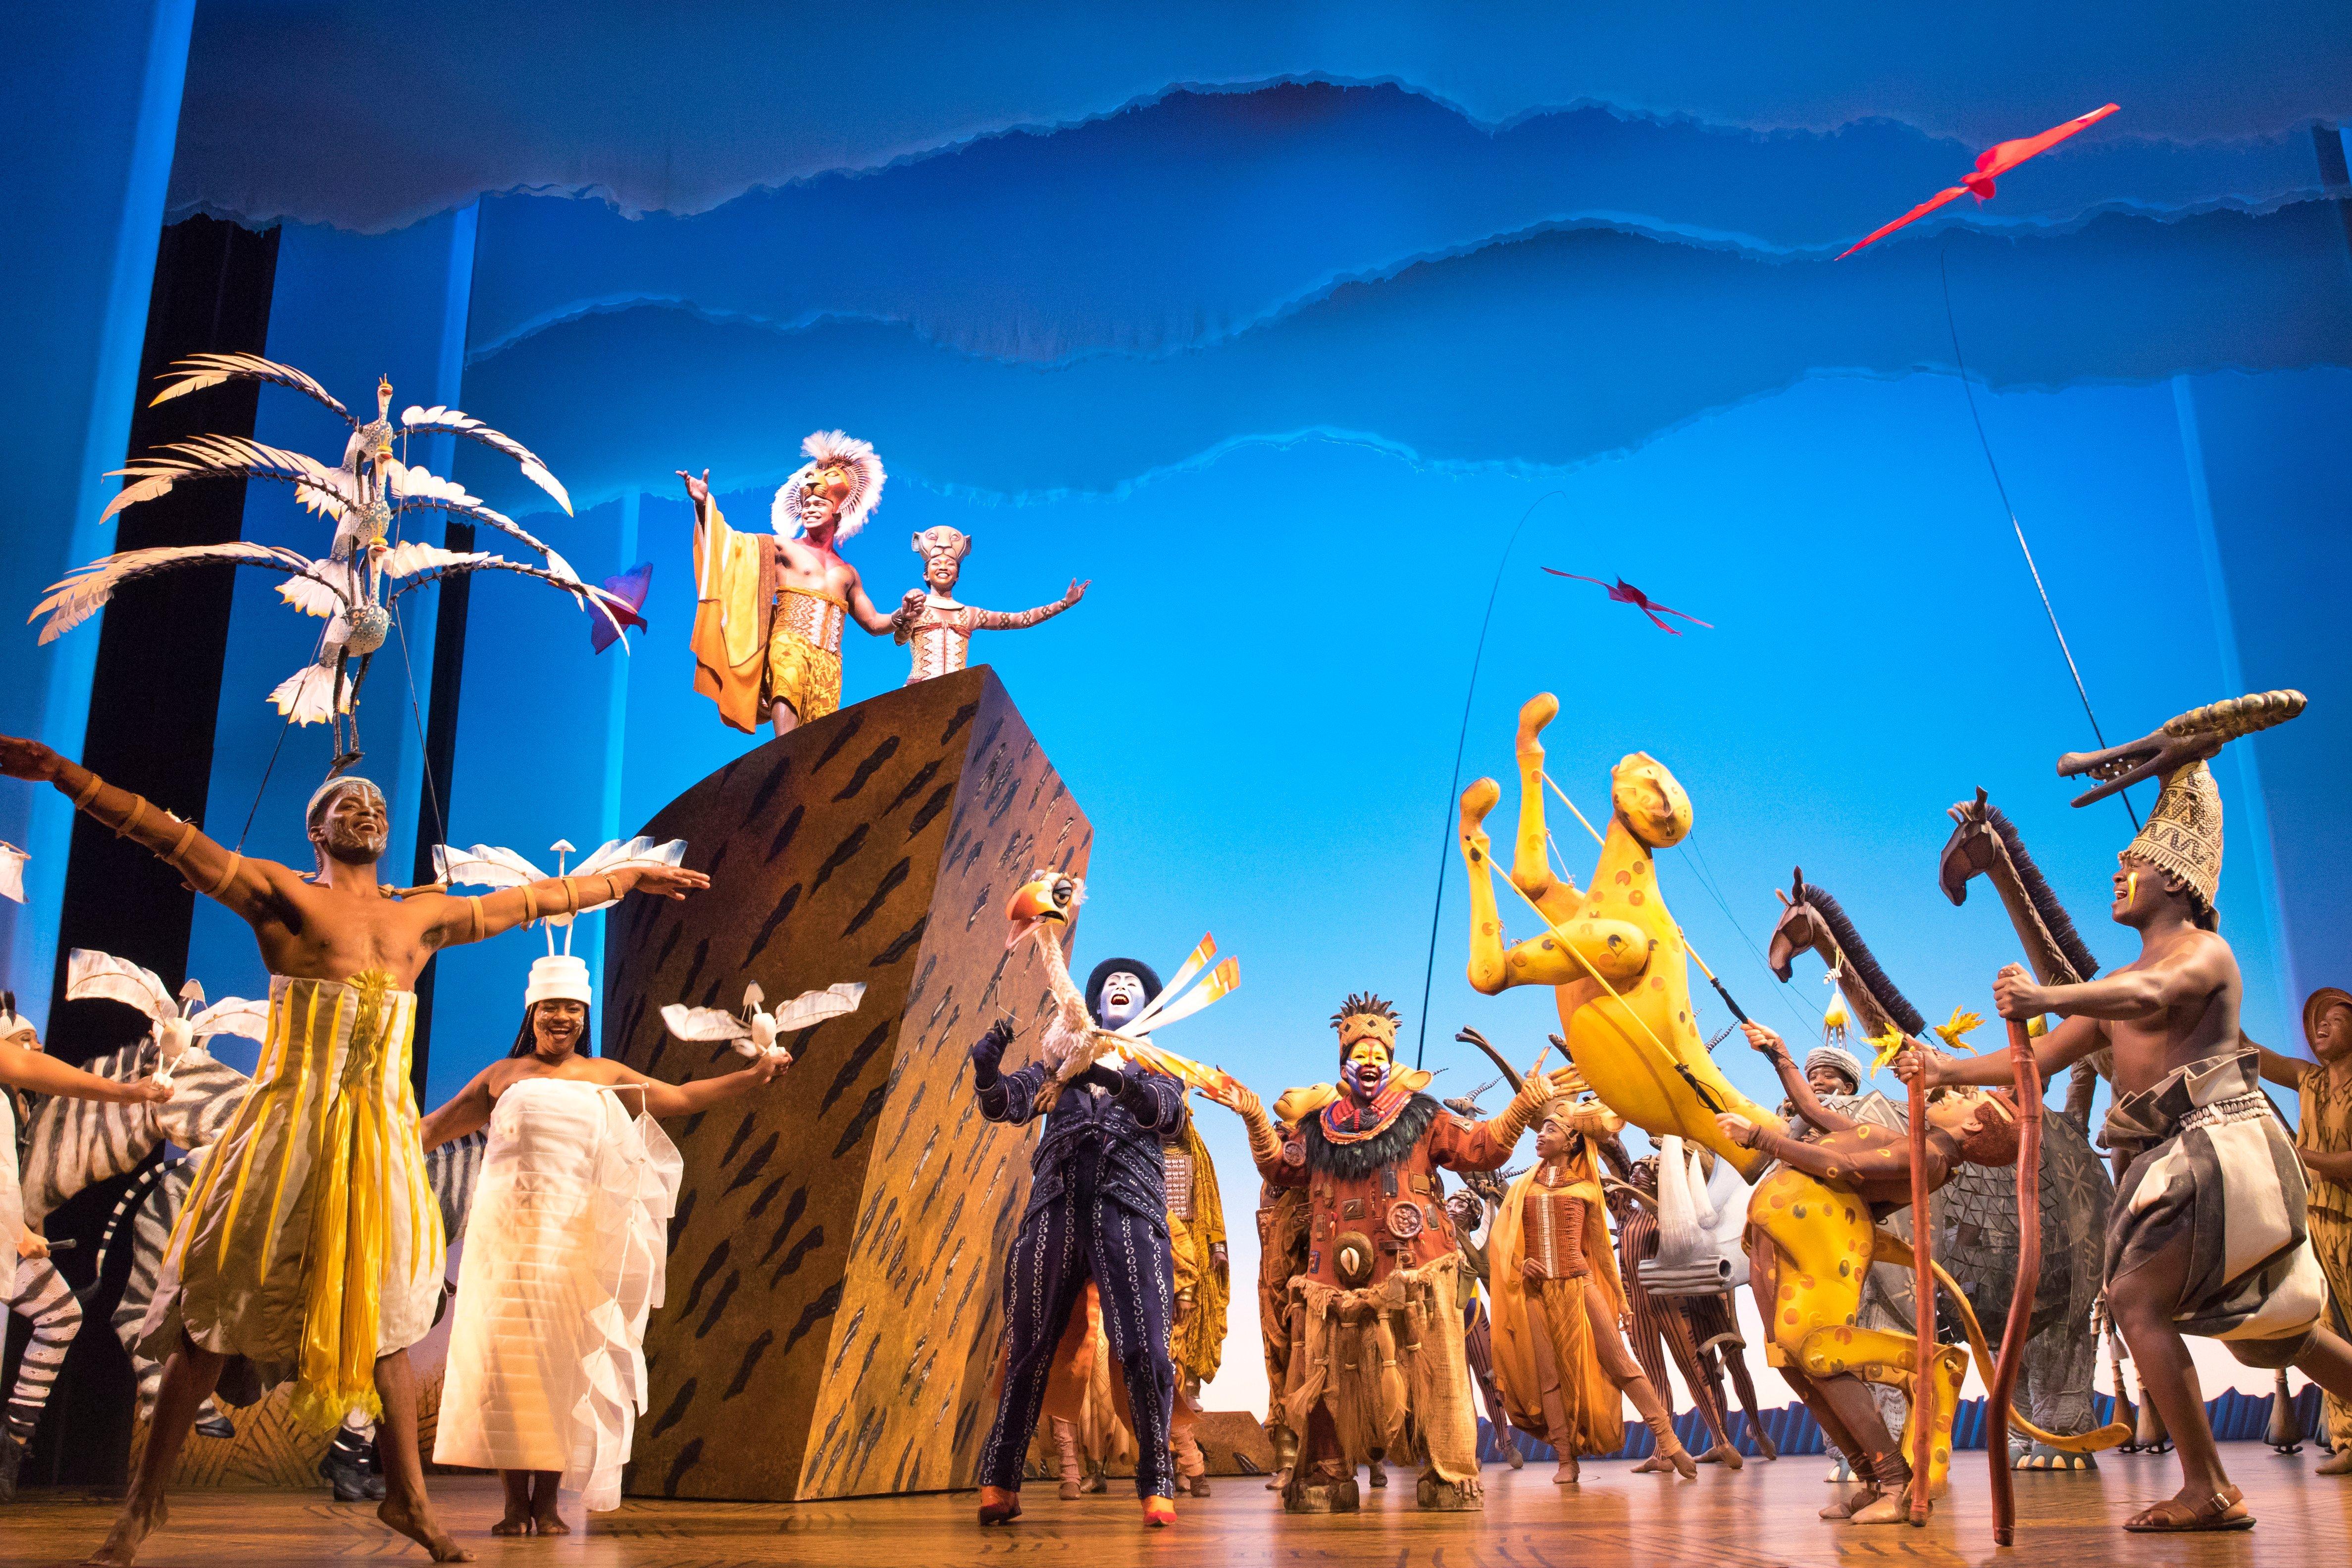 迪士尼著名經典音樂劇《獅子王》 12 月空降香港亞洲國際博覽館 Arena